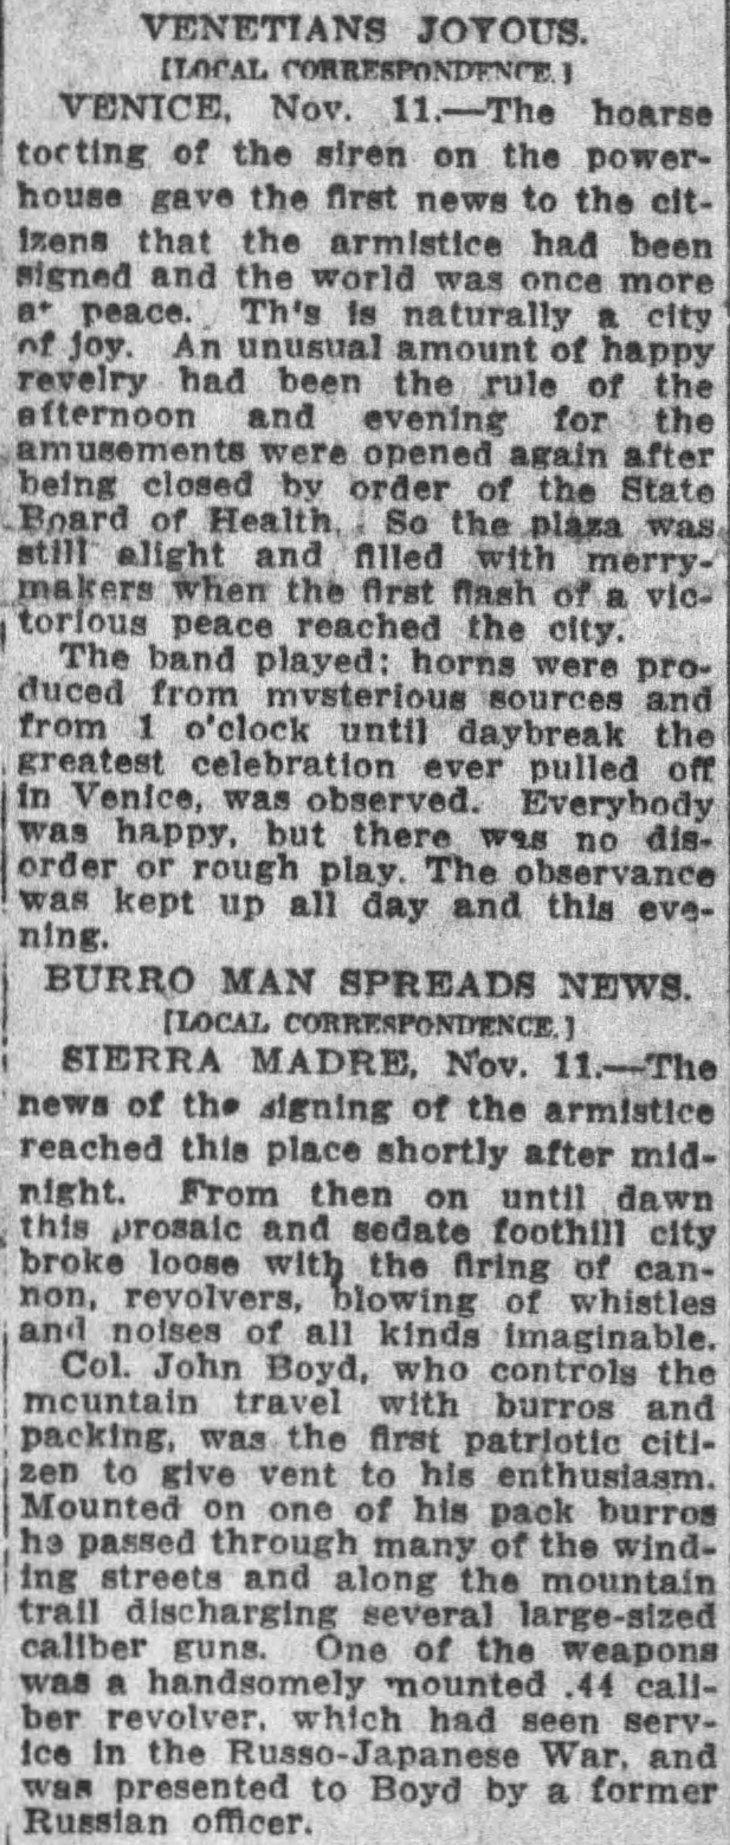 The_Los_Angeles_Times_Tue__Nov_12__1918_ (6).jpg